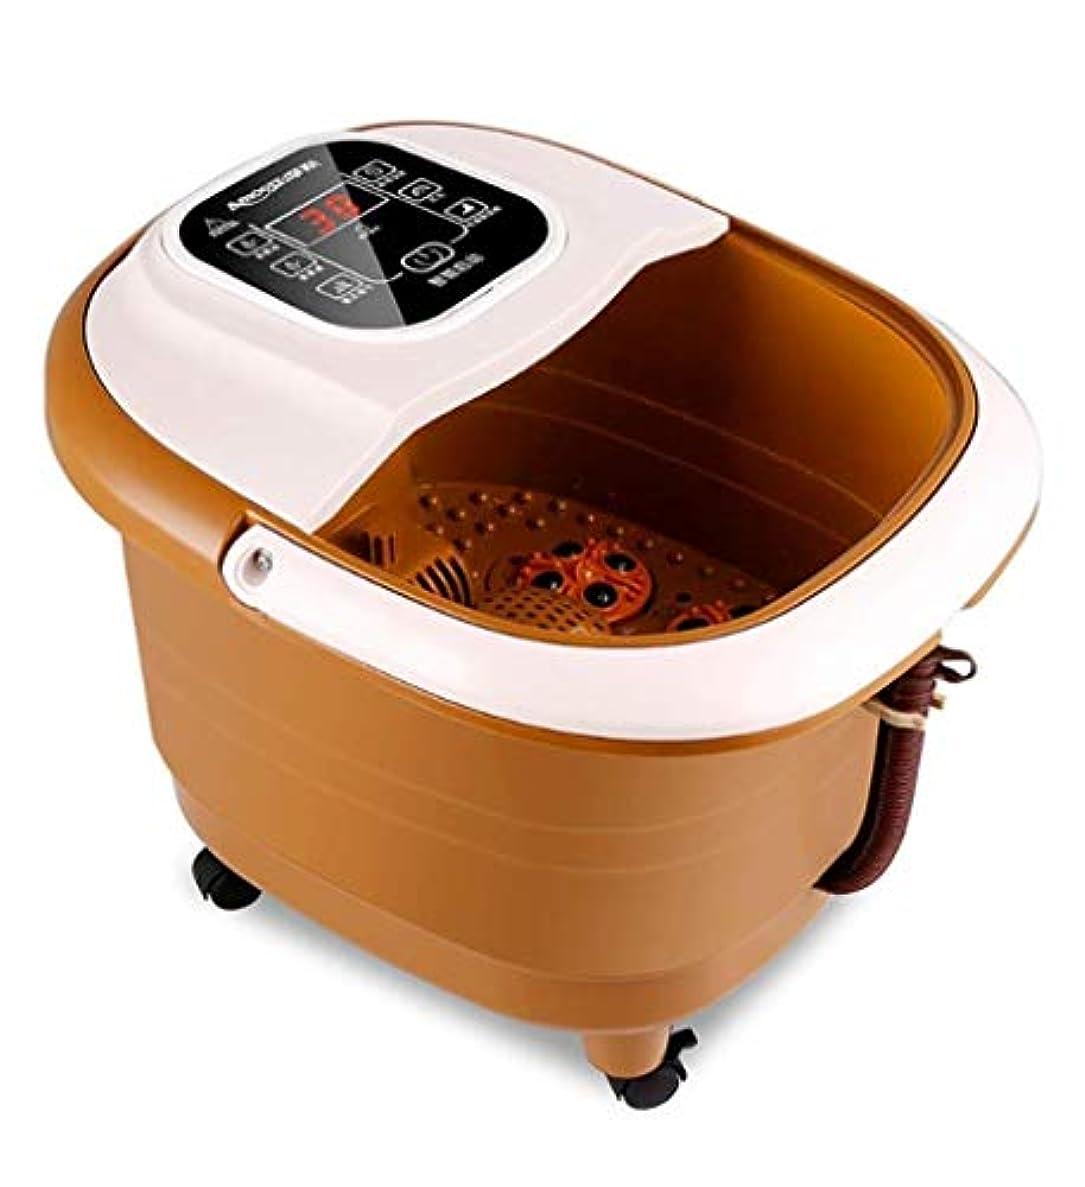 乳剤ミシンカリキュラム電動フットマッサージベイスン、フットスパアンドマッサージャー、加熱/磁場治療フットケア、取り外し可能なマッサージローラー、インテリジェントな水温制御、LEDディスプレイ